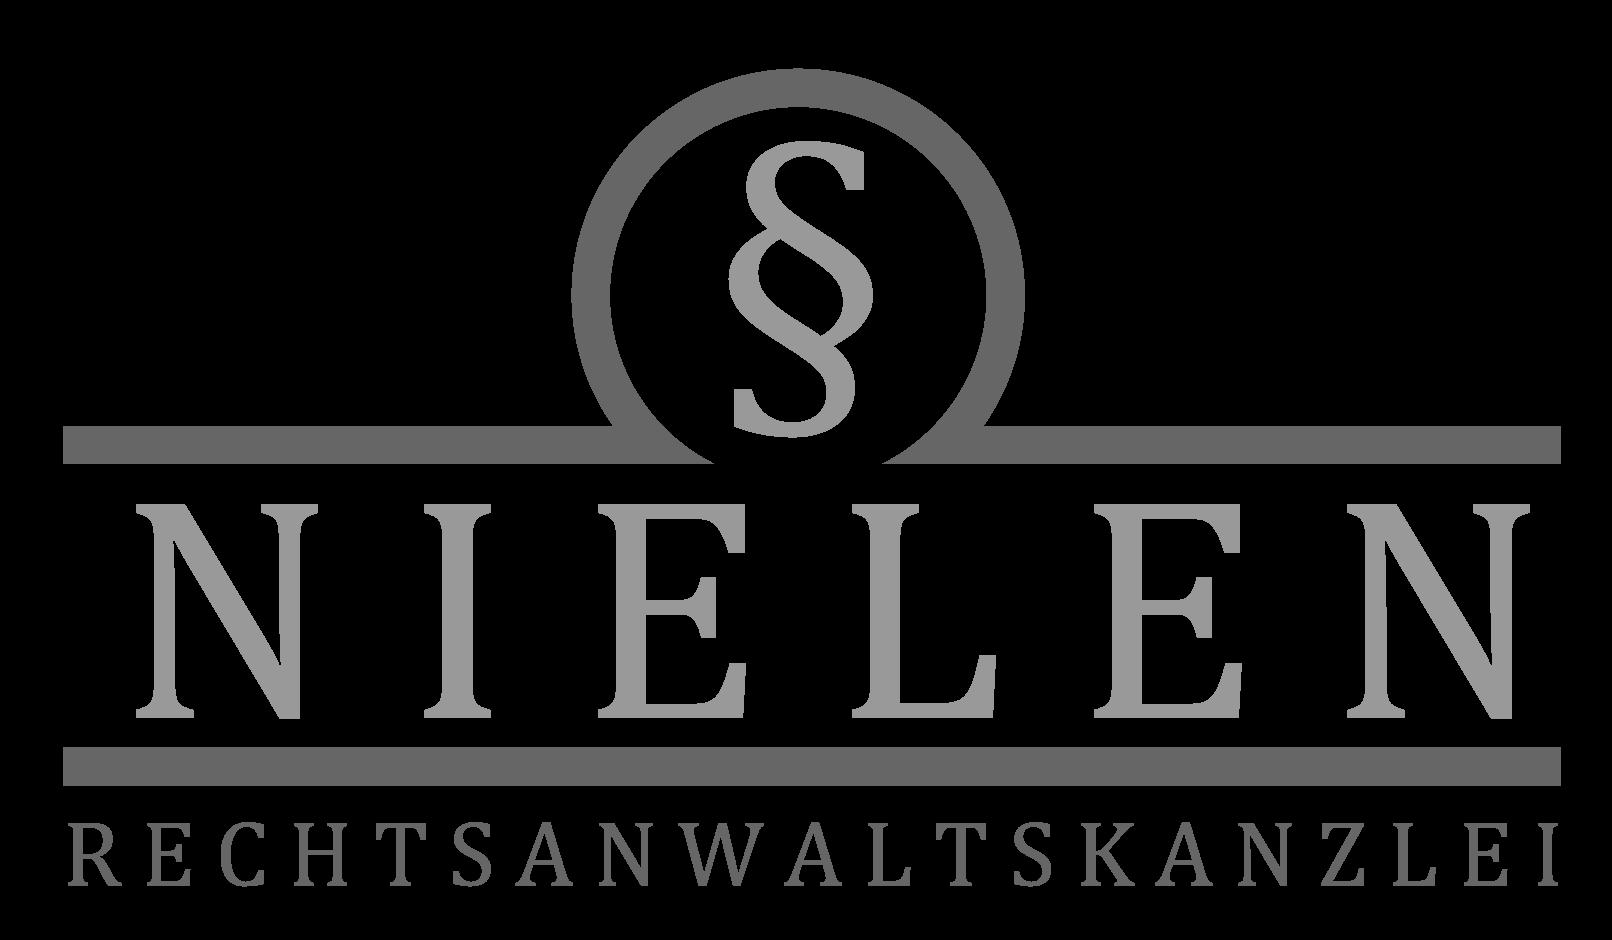 Rechtsanwaltskanzlei Nielen